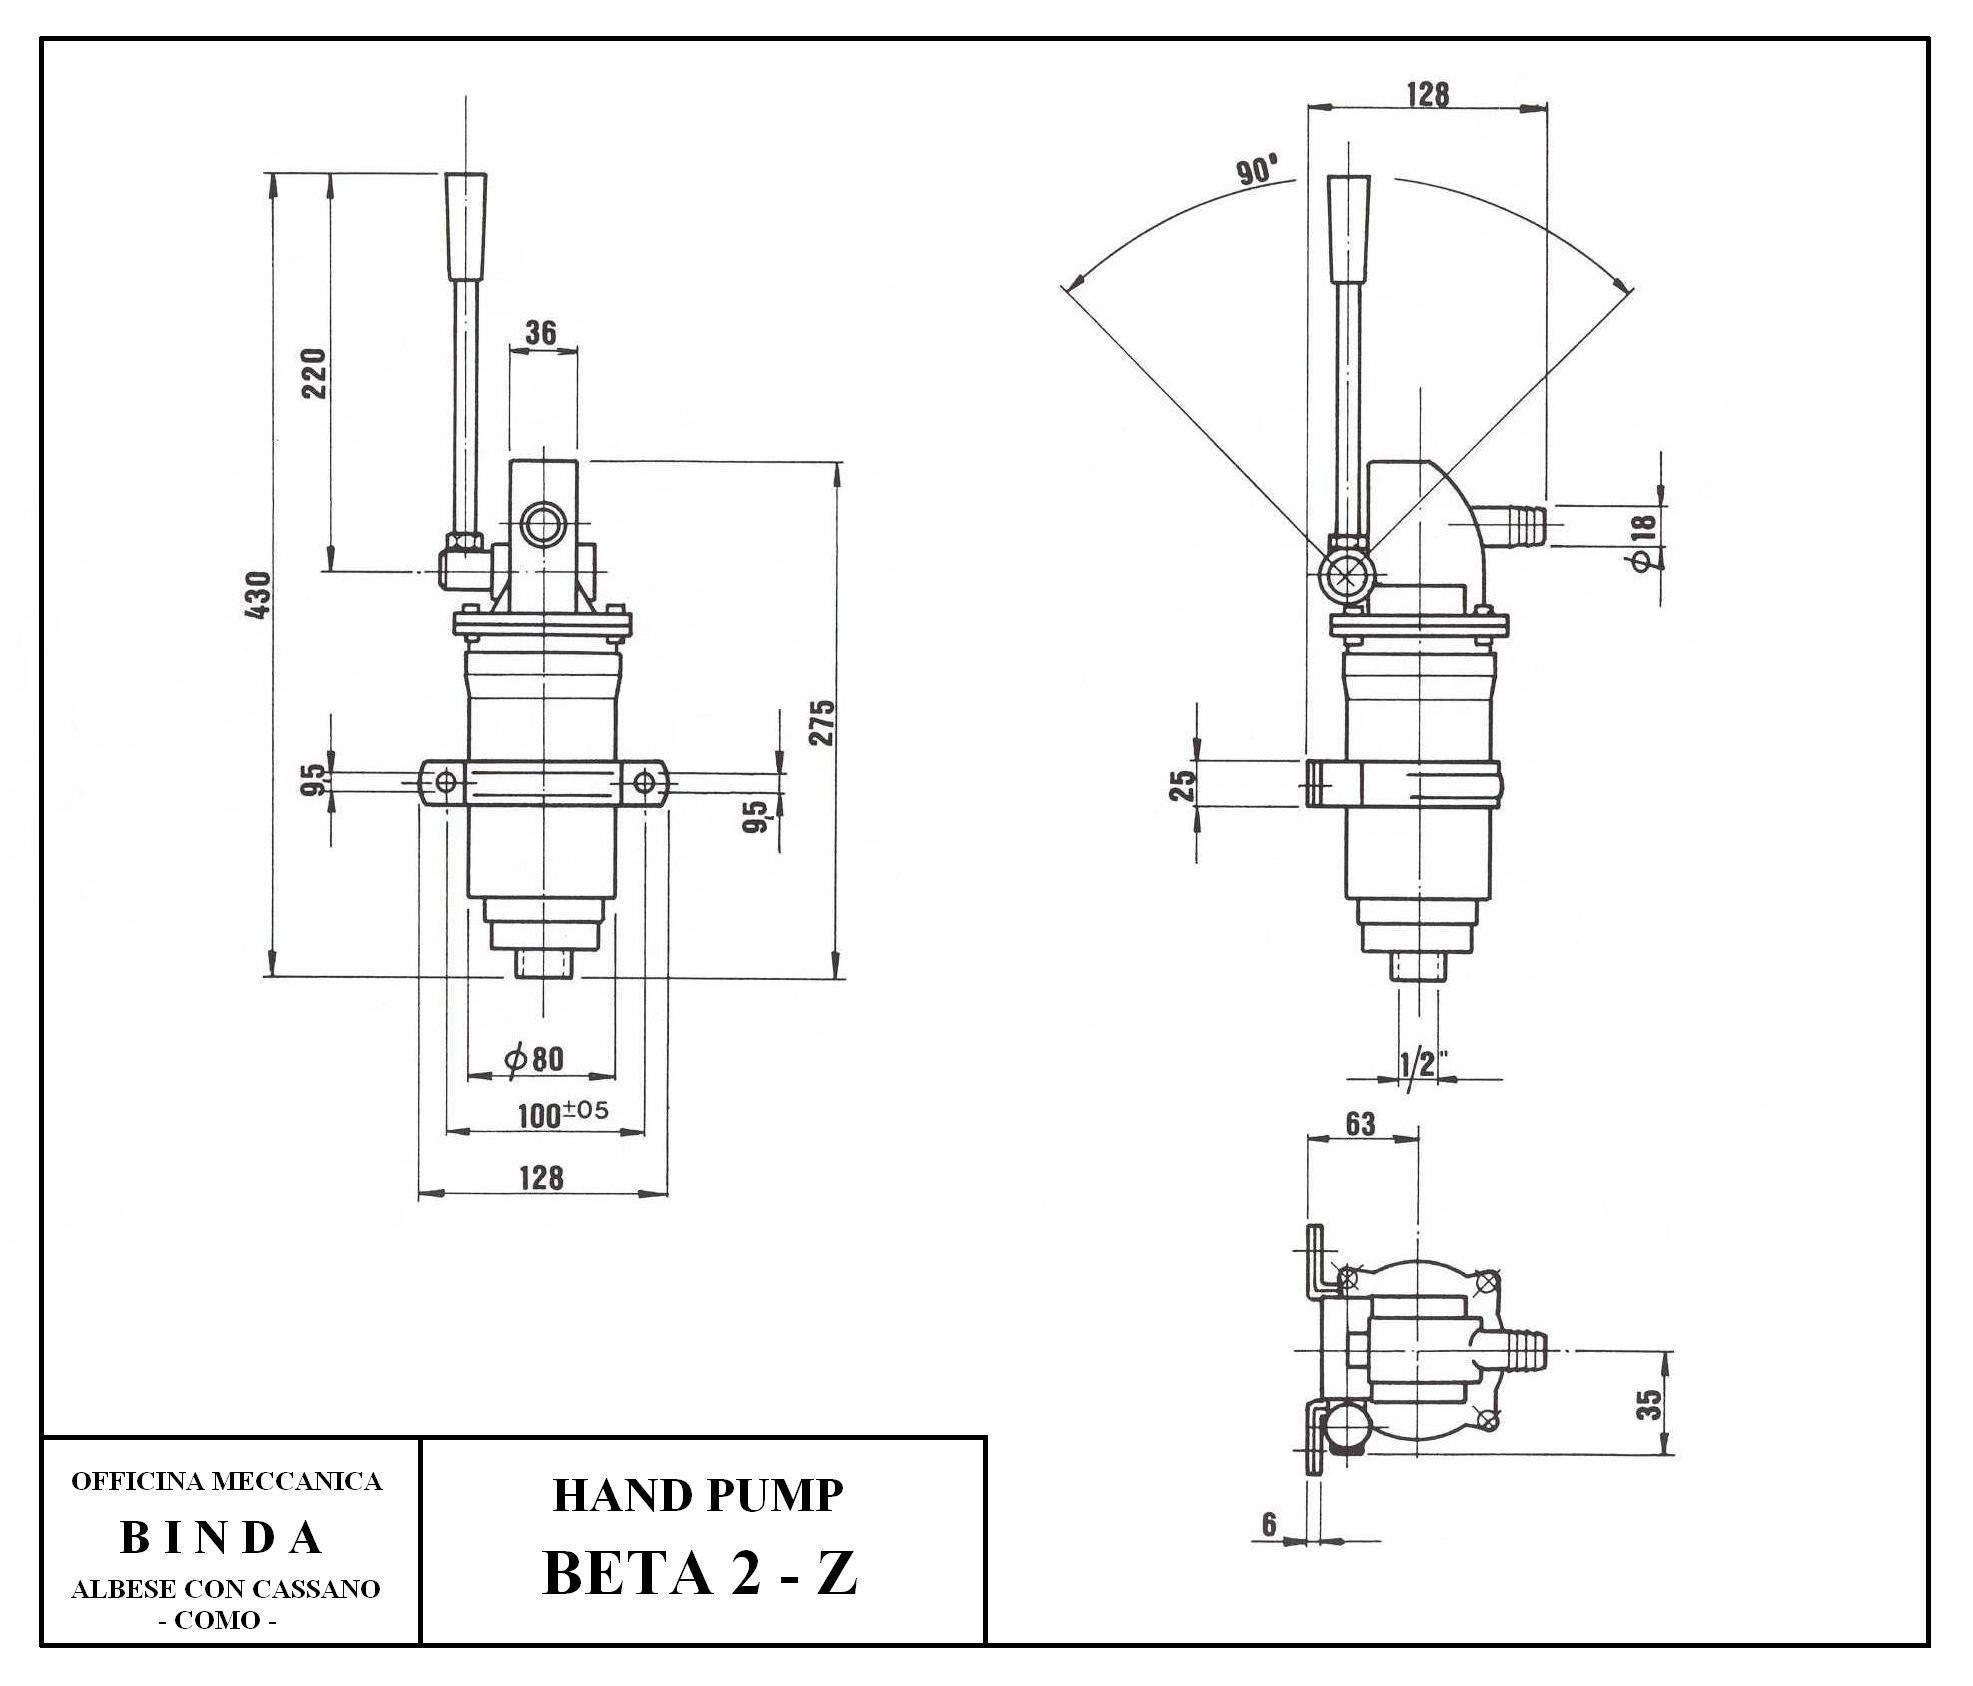 Binda Beta 2 Z Piston Hand Pump Amp Manual Pump